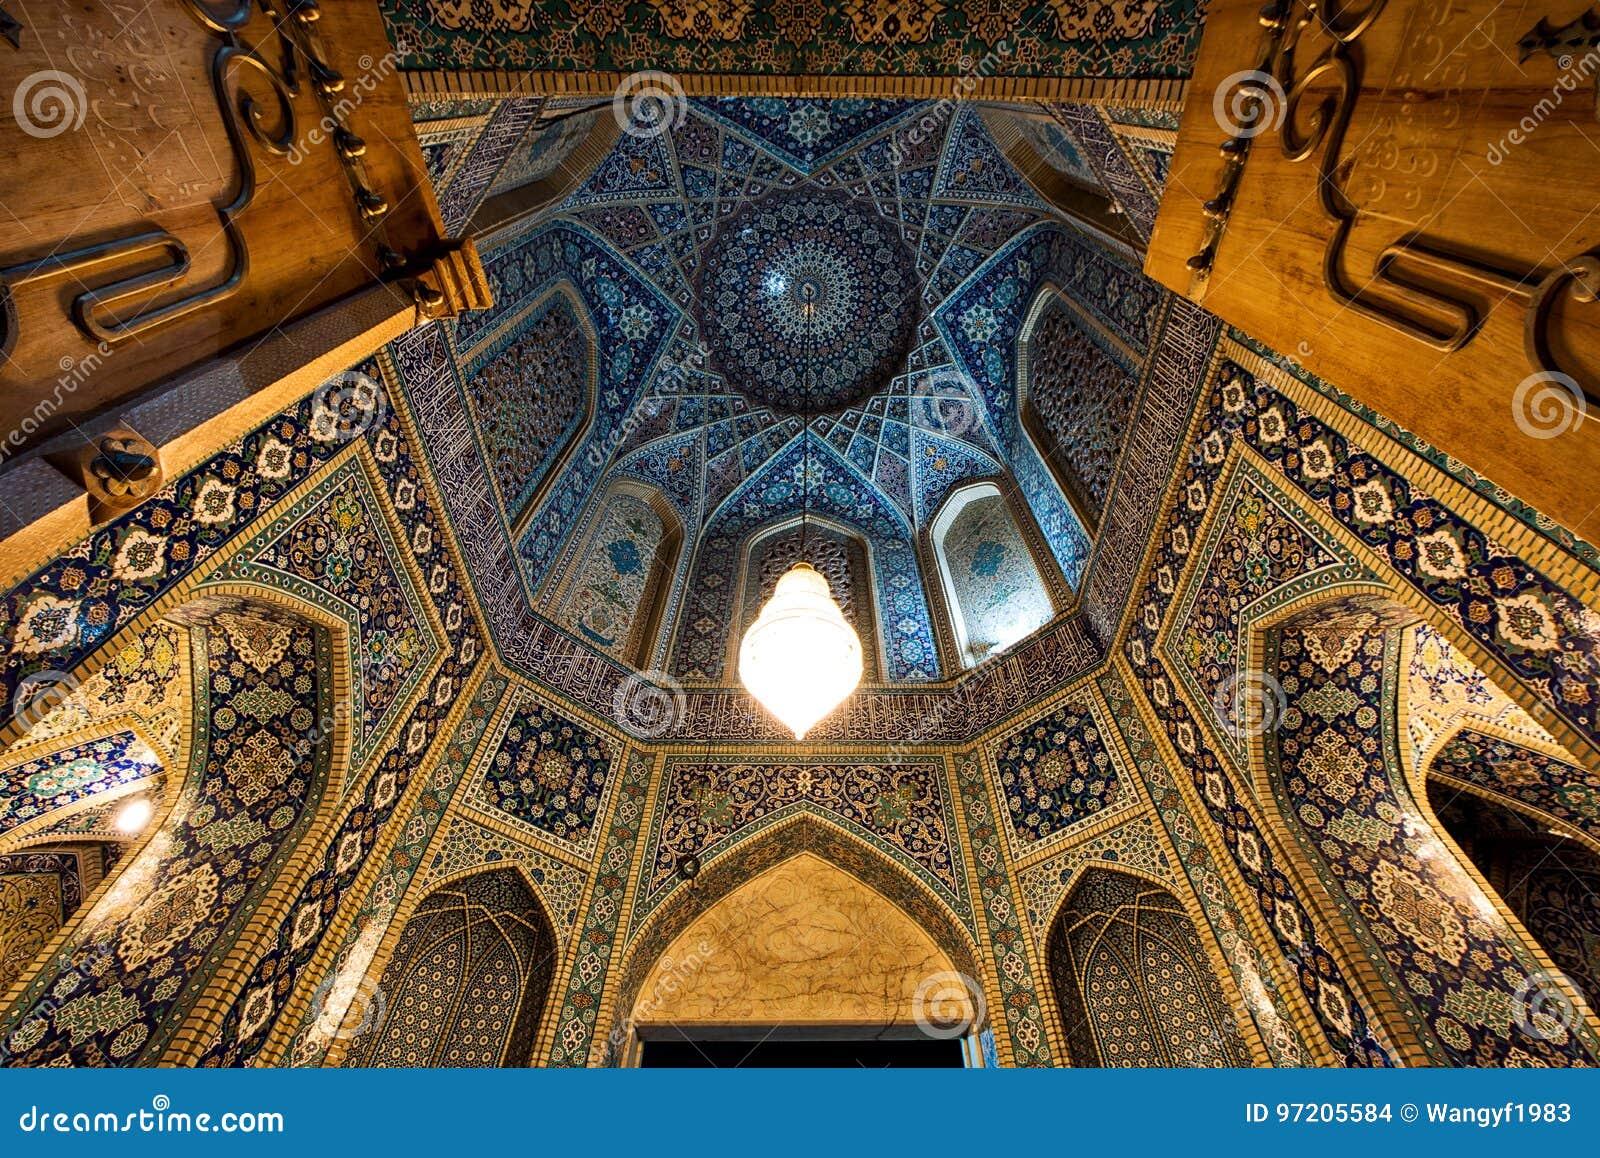 Download comp Minarets of Qom in Iran